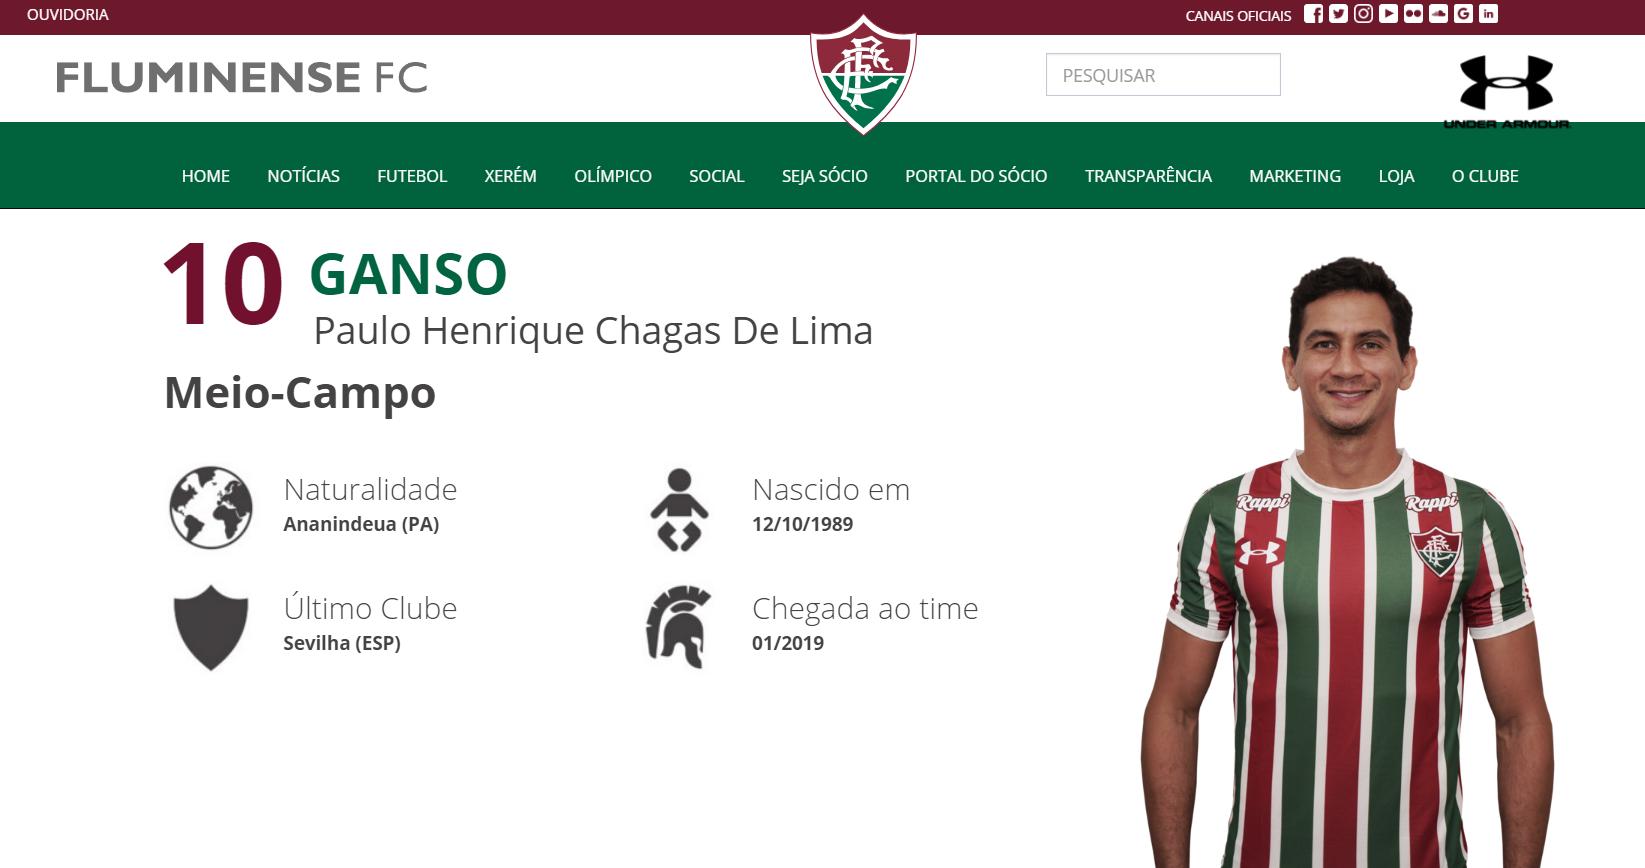 O Fluminense anunciou oficialmente nesta quinta-feira a contratação de  Paulo Henrique Ganso. O meia rescindiu o contrato com o Sevilla (ESP) e  assinou em ... be711eb257dae